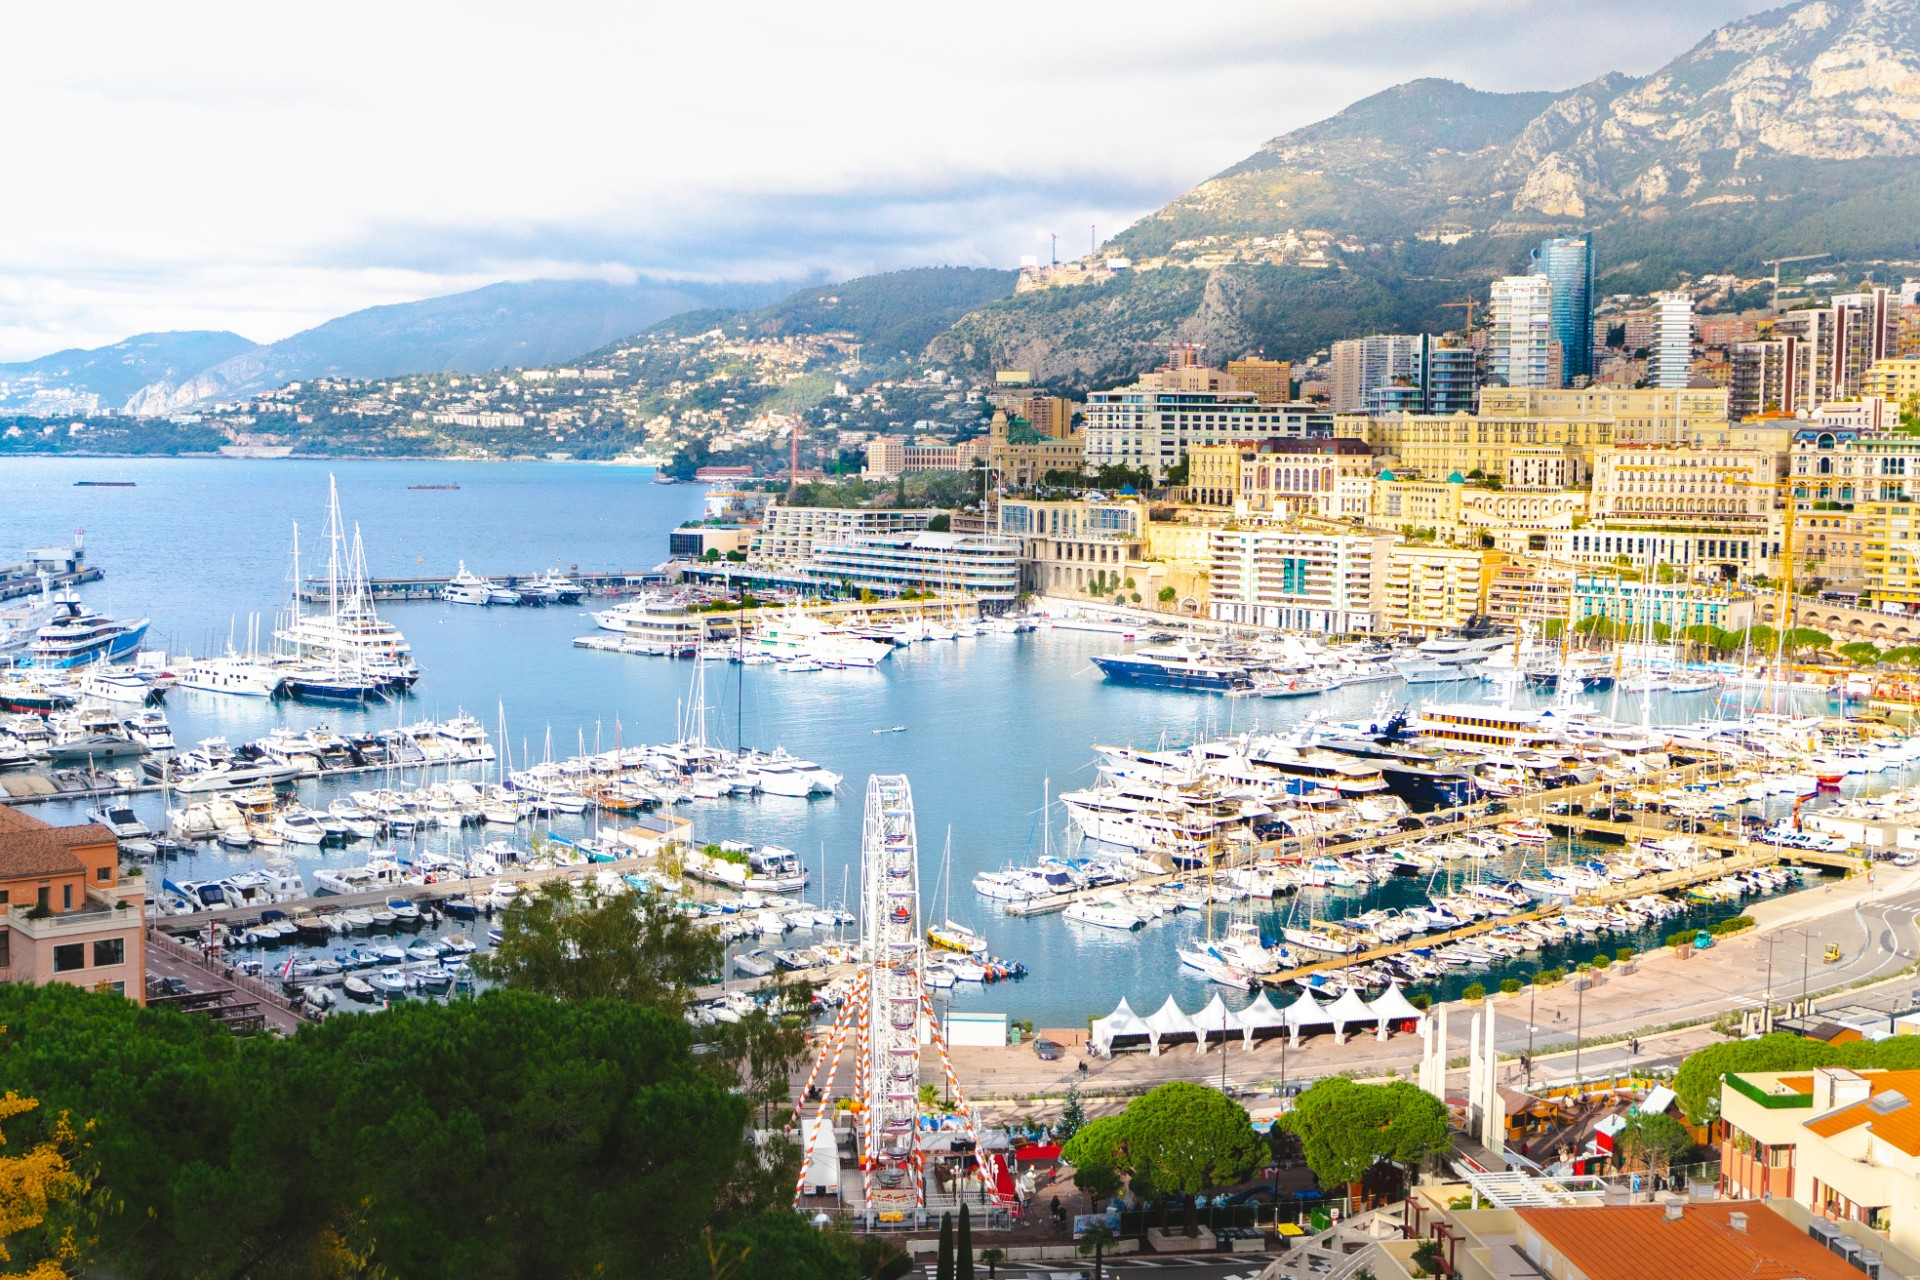 Where to go in Monaco